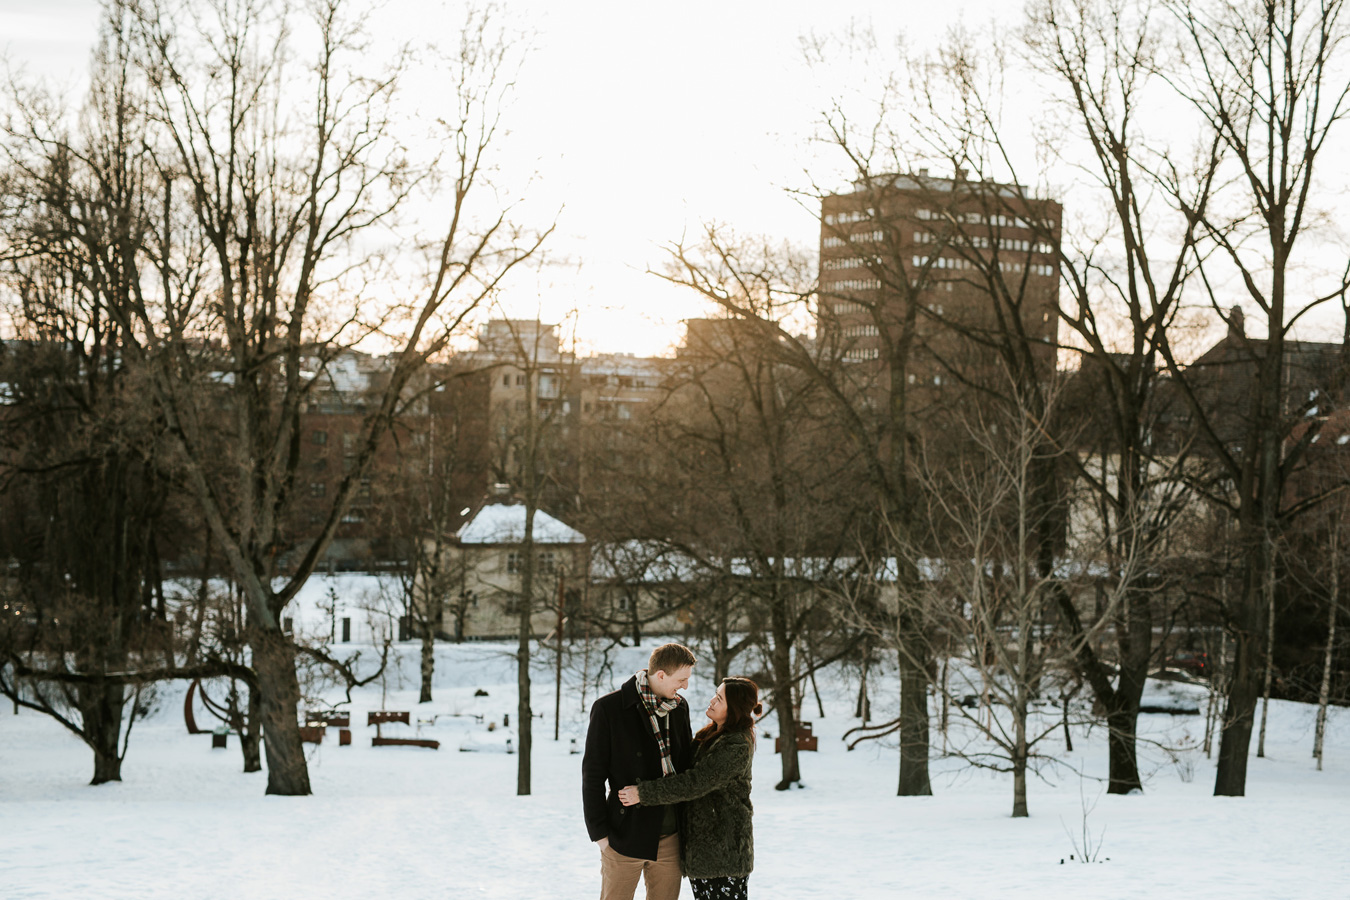 026-Fotograf-Tone-Tvedt-forlovelsefoto-oslo.jpg